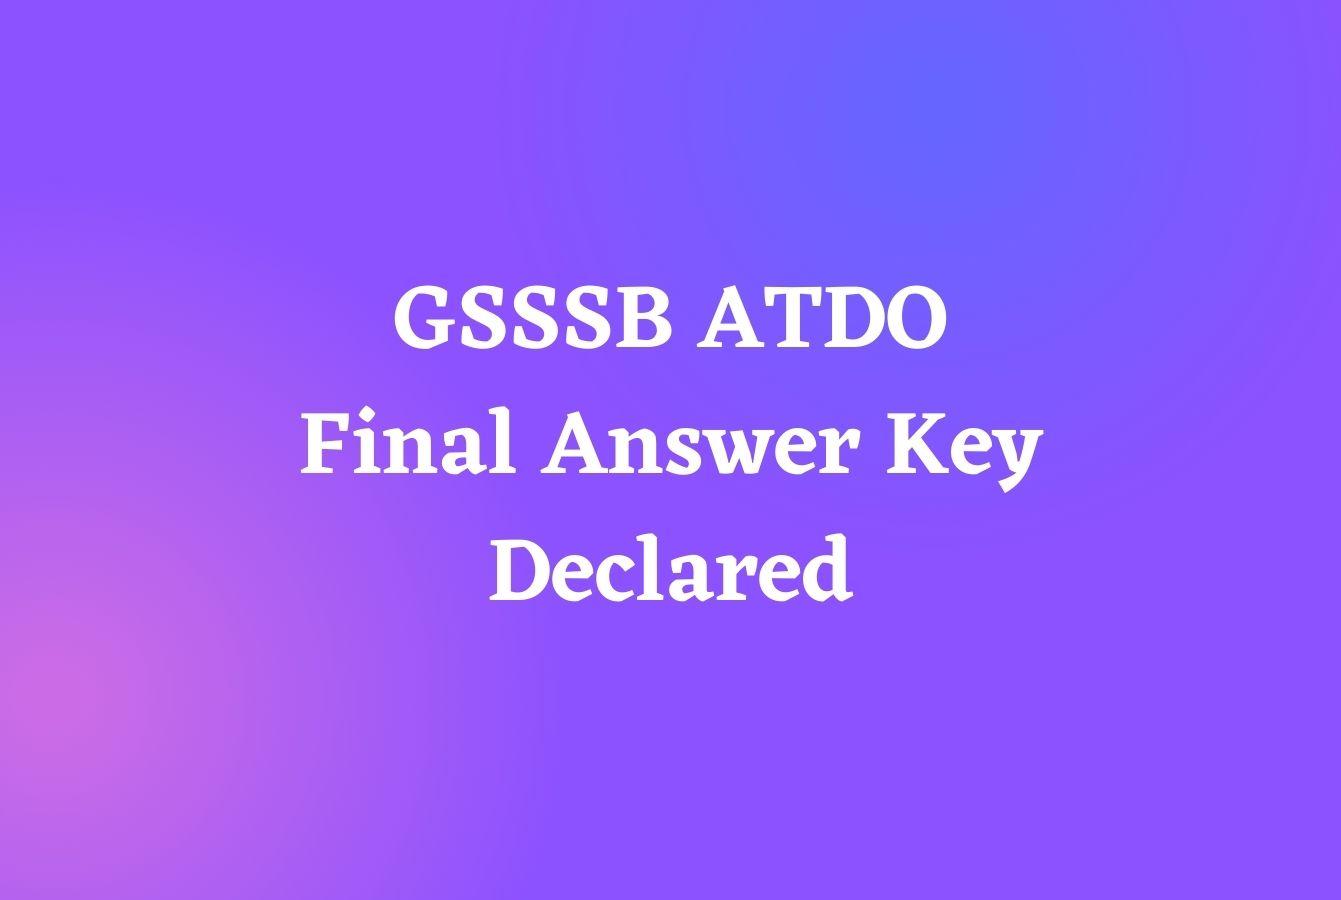 GSSSB ATDO Final Answer Key Declared